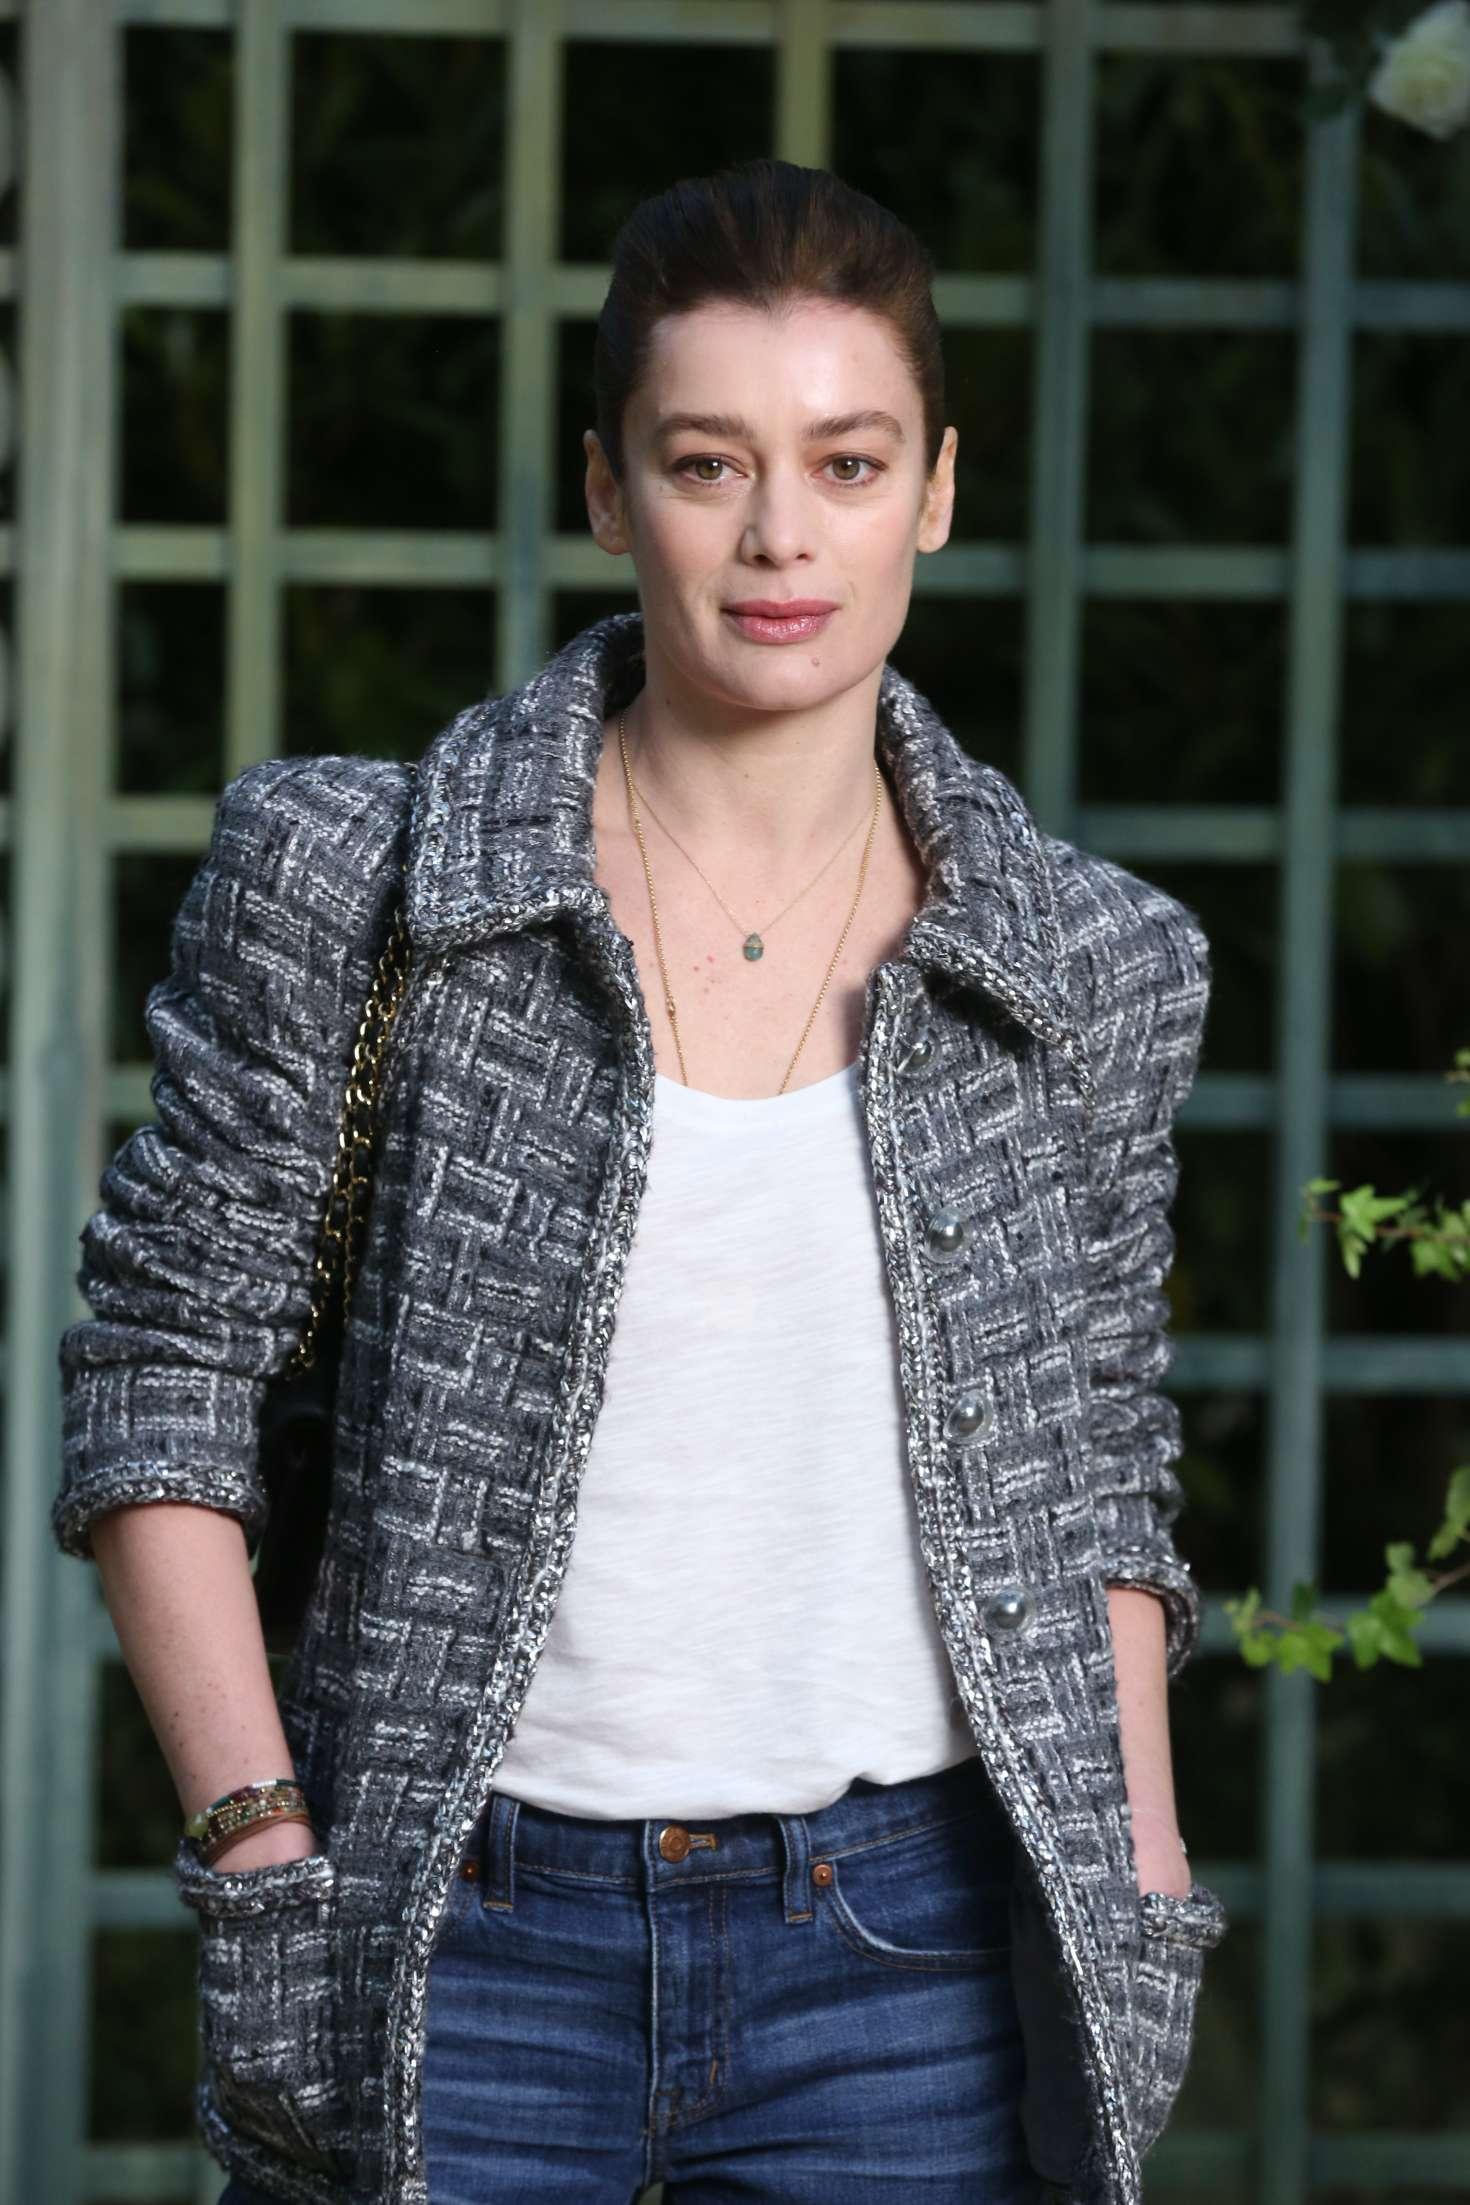 Aurelie Dupont - Chanel Haute Couture SS 2018 Show in Paris